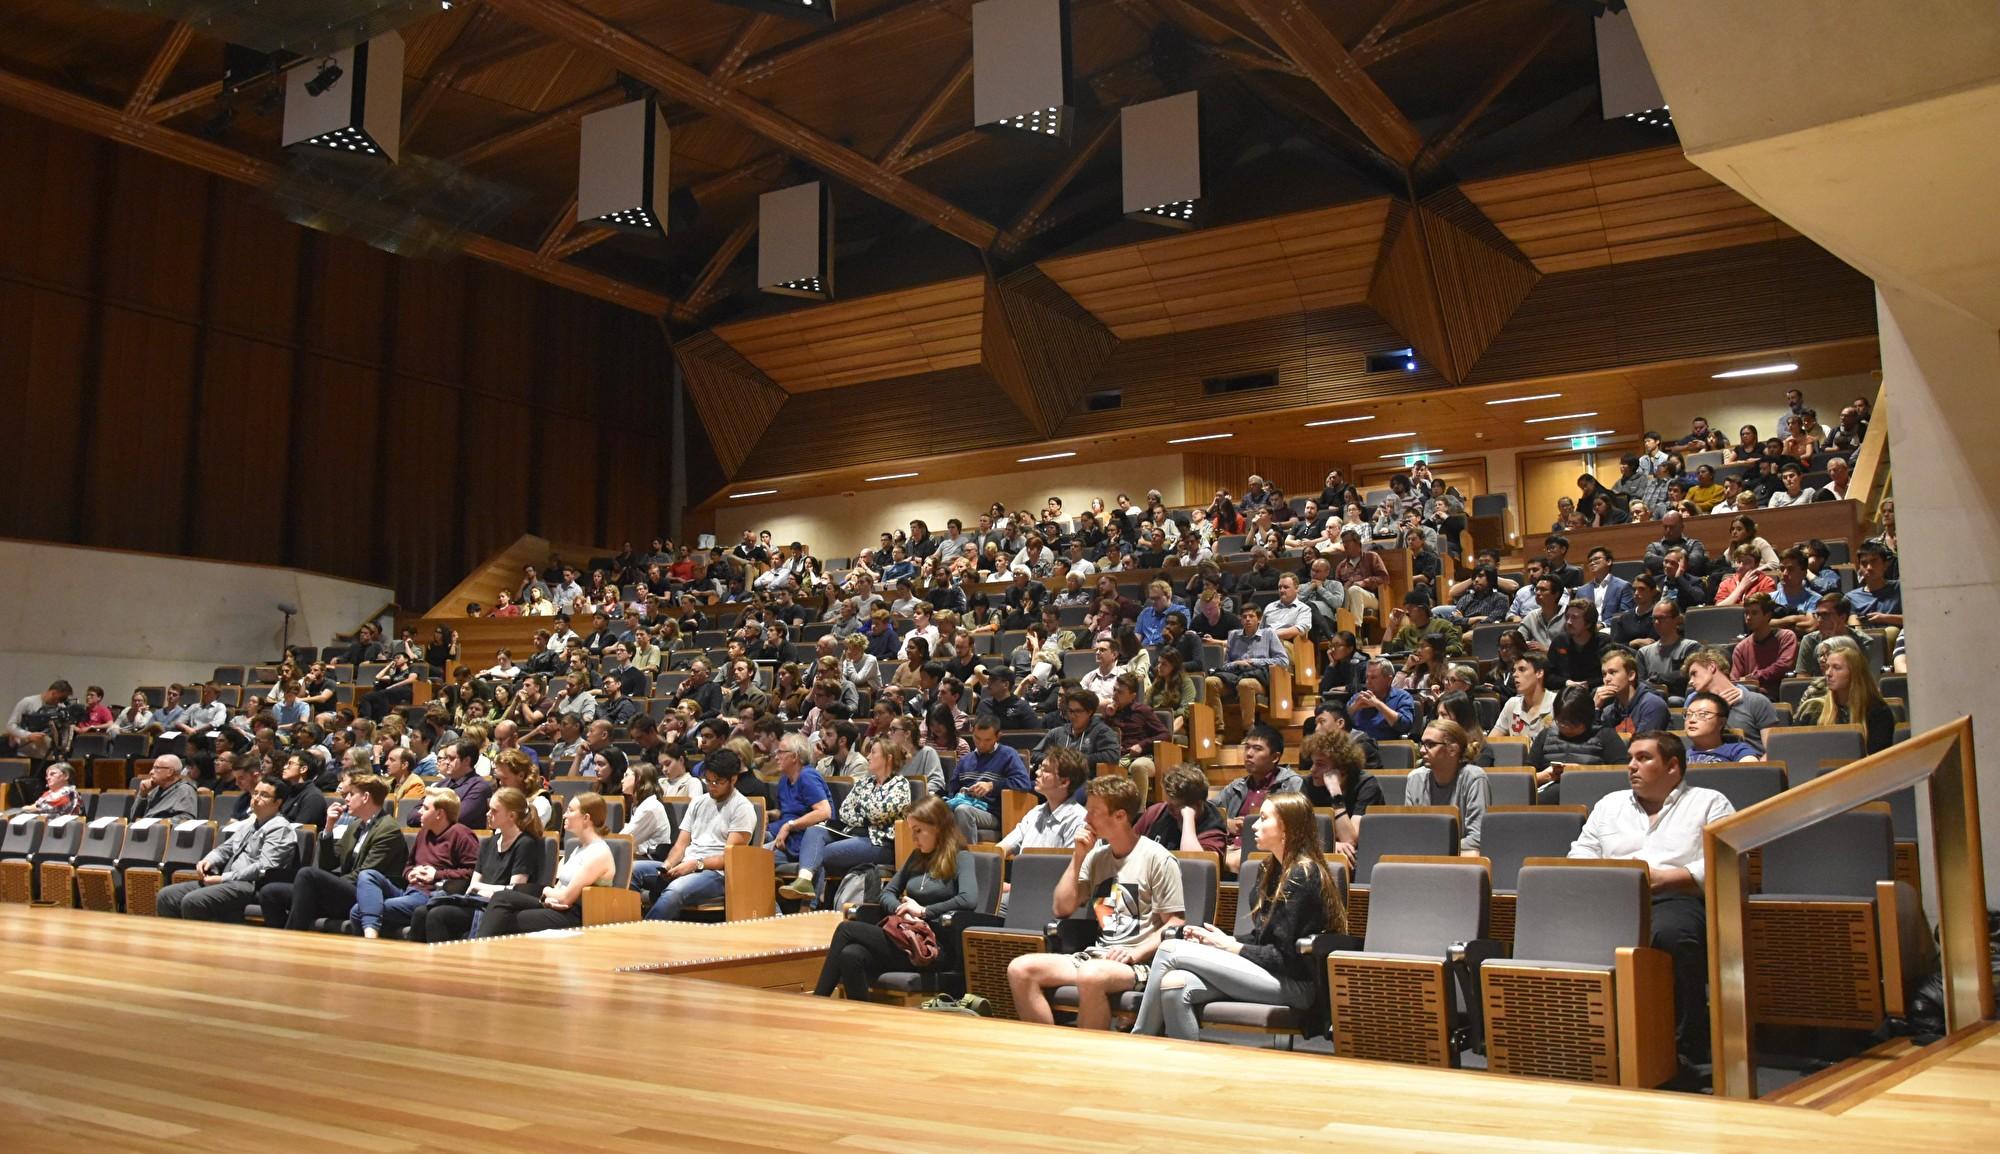 澳洲議會正在對外國勢力干預澳洲大學引發的國家安全風險進行調查。「人權觀察」(Human Rights Watch)遞交提案,呼籲議會調查中共對澳洲大學學術自由的破壞。圖為參加2019年8月28日昆士蘭大學舉辦的「中共在澳洲大學的影響」演講會上的聽眾。(楊裔飛/大紀元)